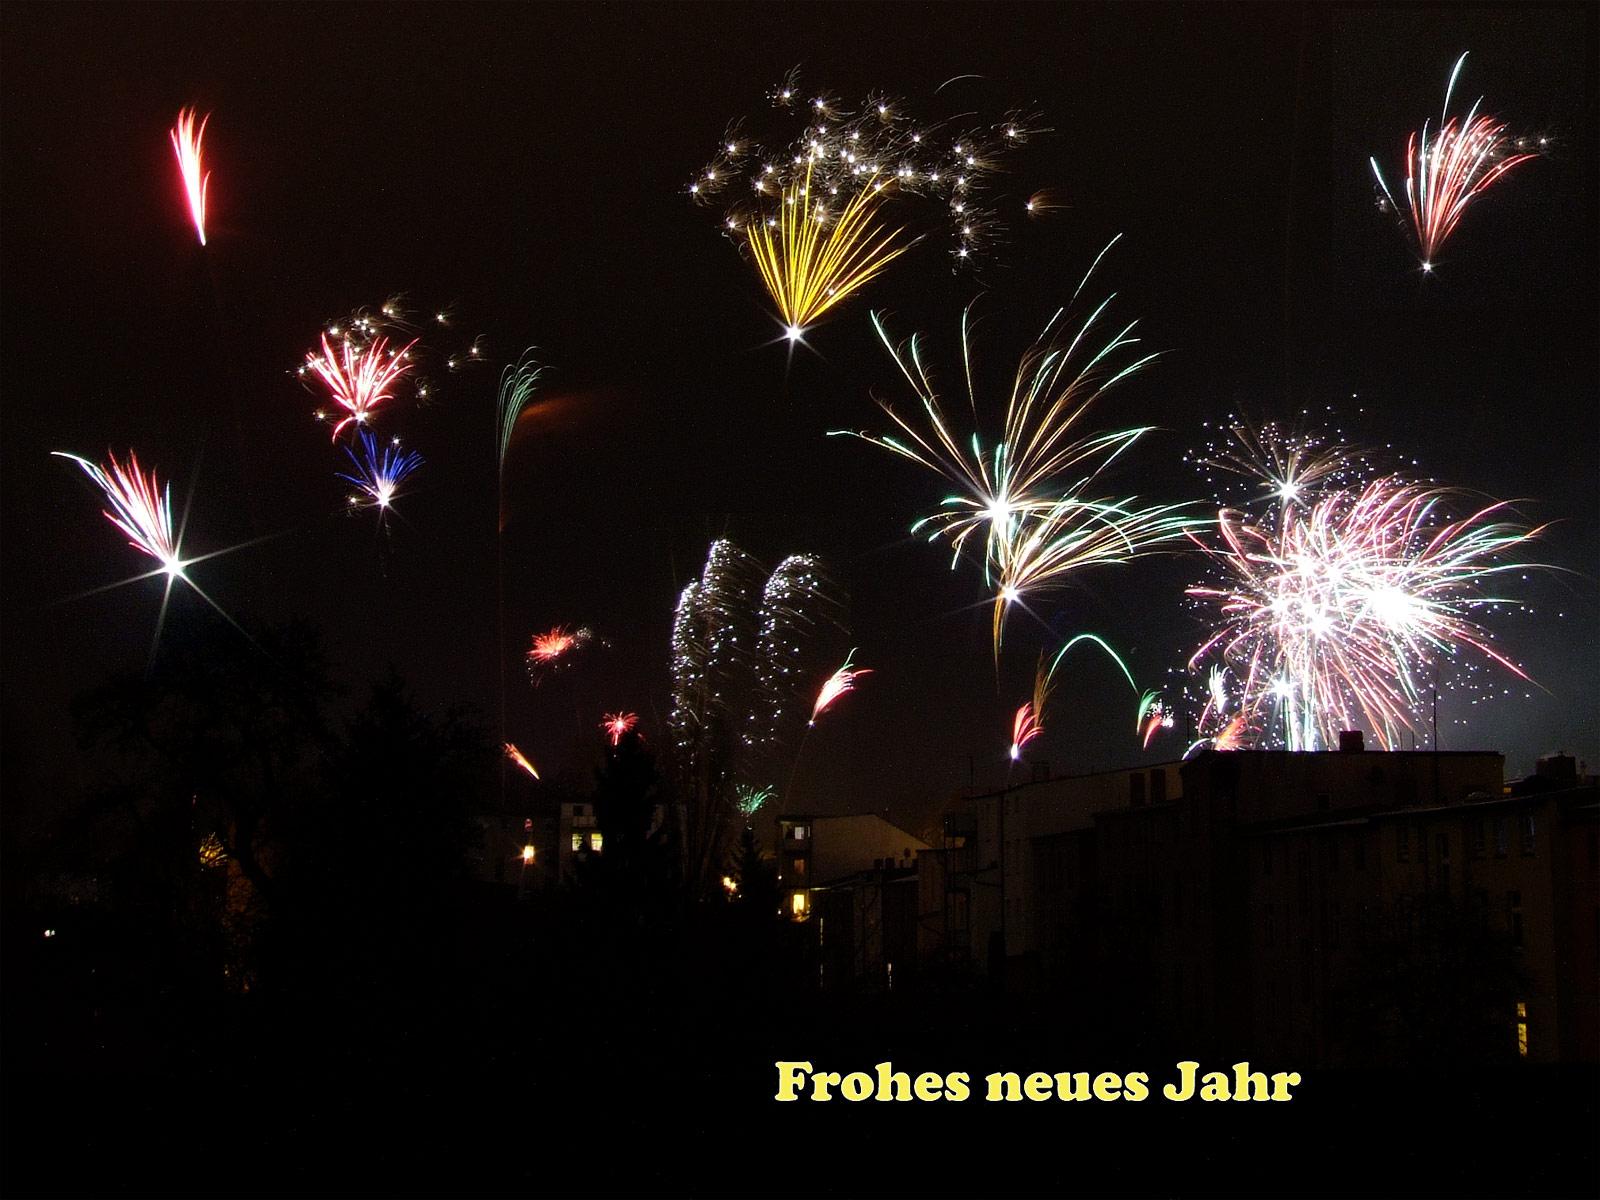 Frohes neues Jahr 2012 « Putzlowitscher Zeitung